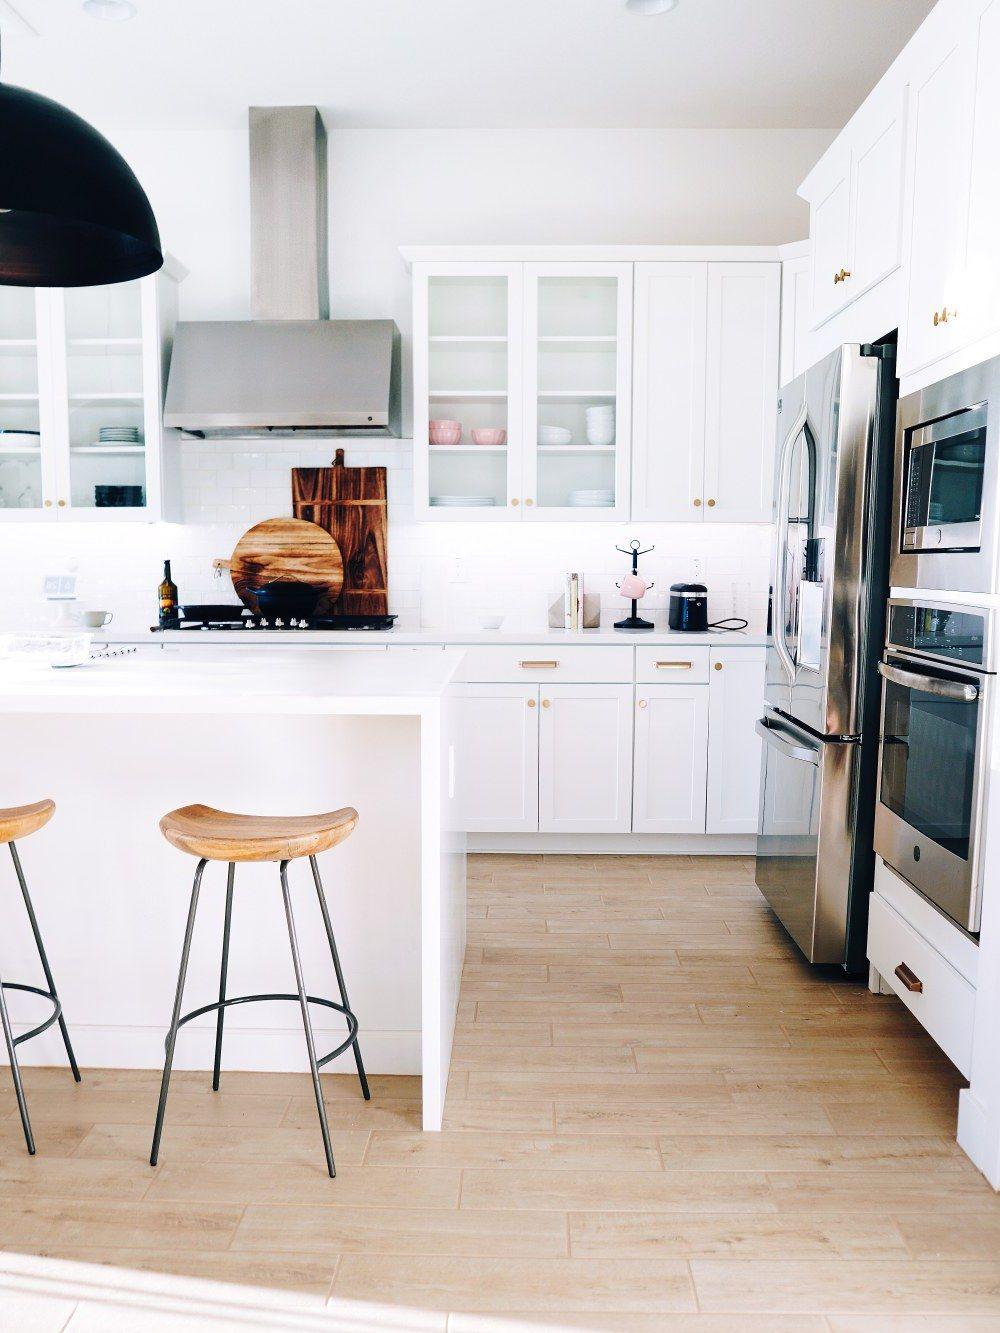 Budgetfriendly diy kitchen ideas and diy kitchen